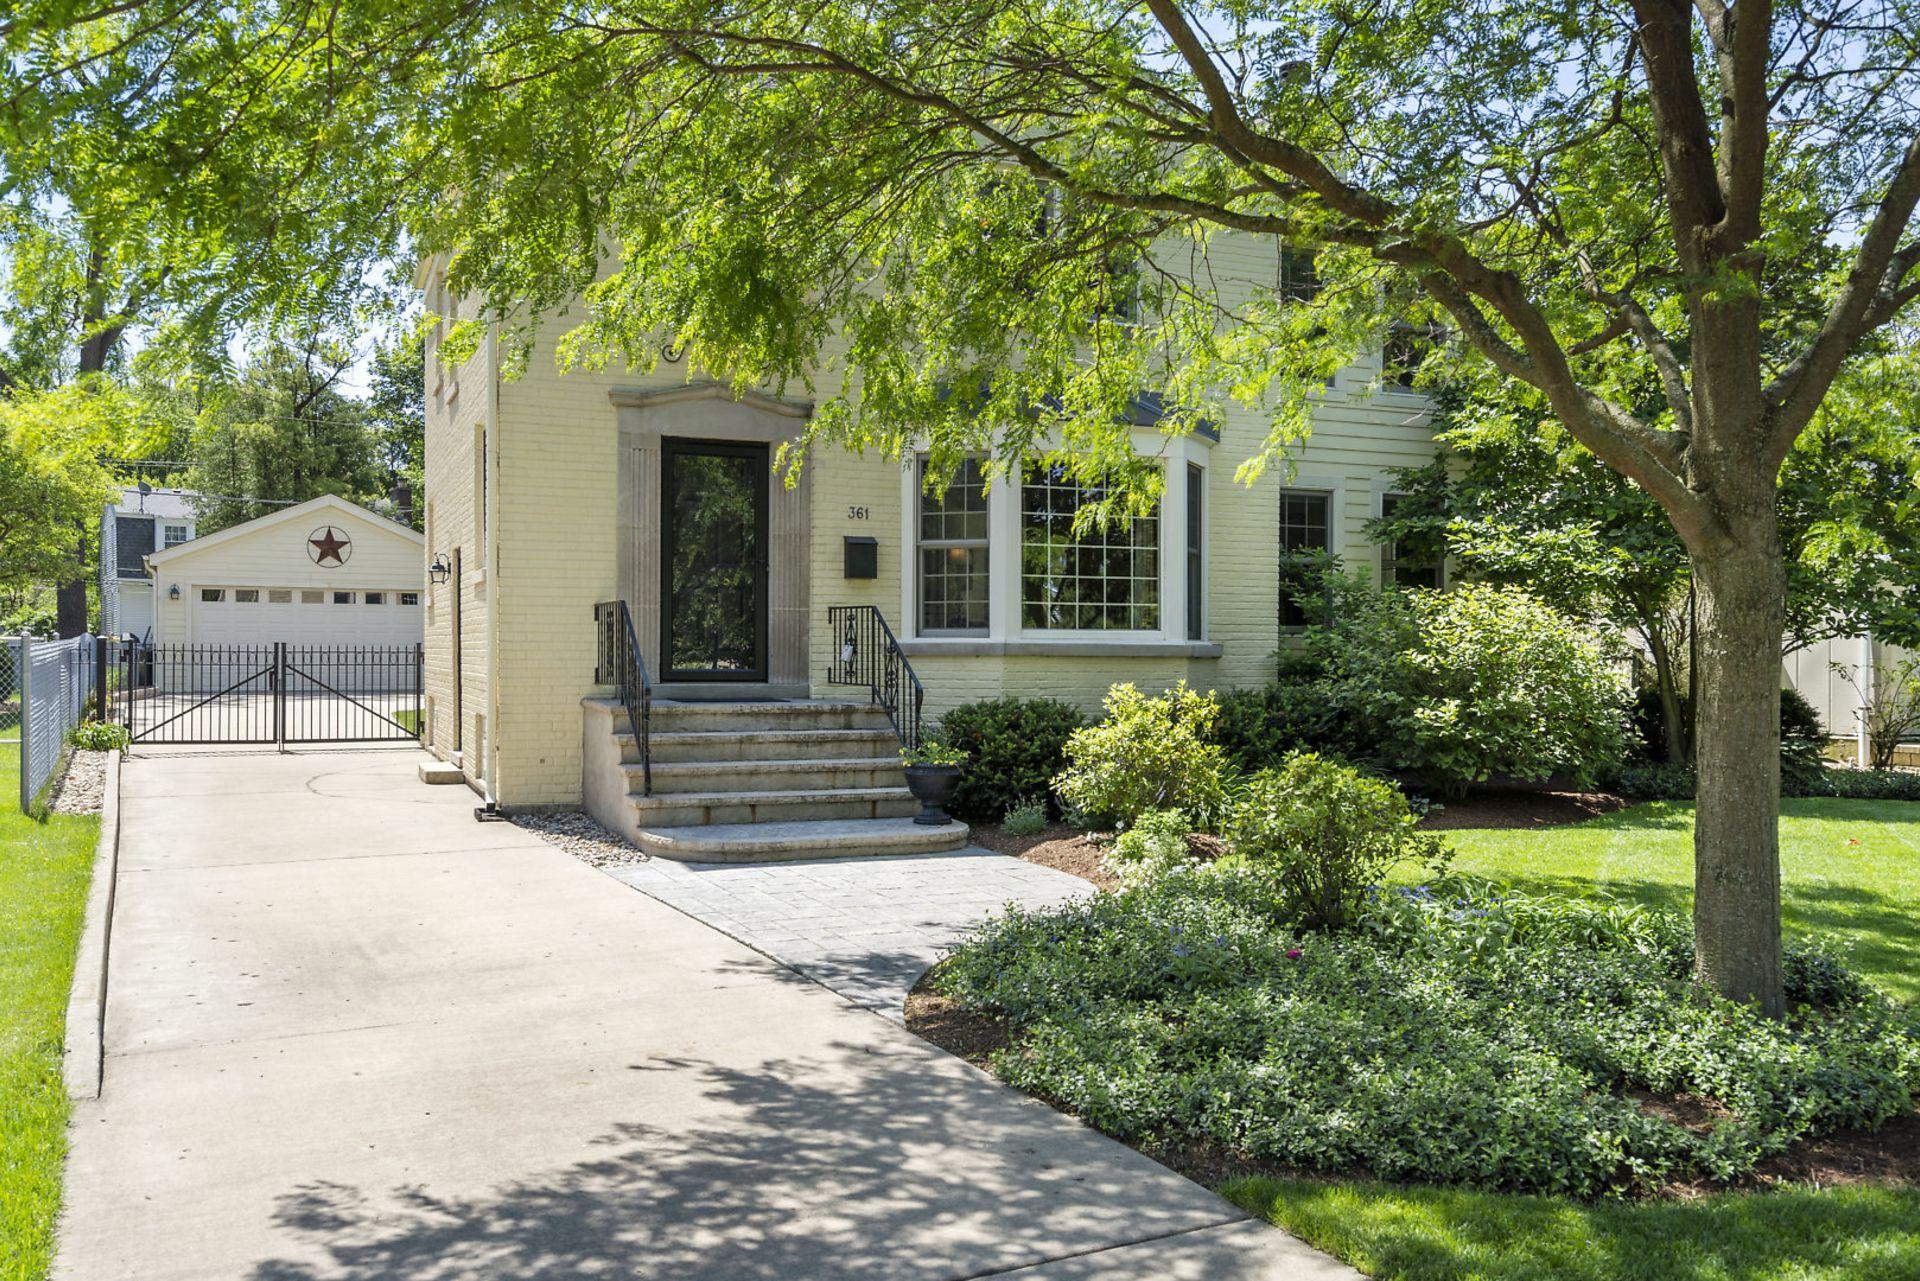 Glen Ellyn Home For Sale:  361 Windsor Ave., Glen Ellyn, IL 60137